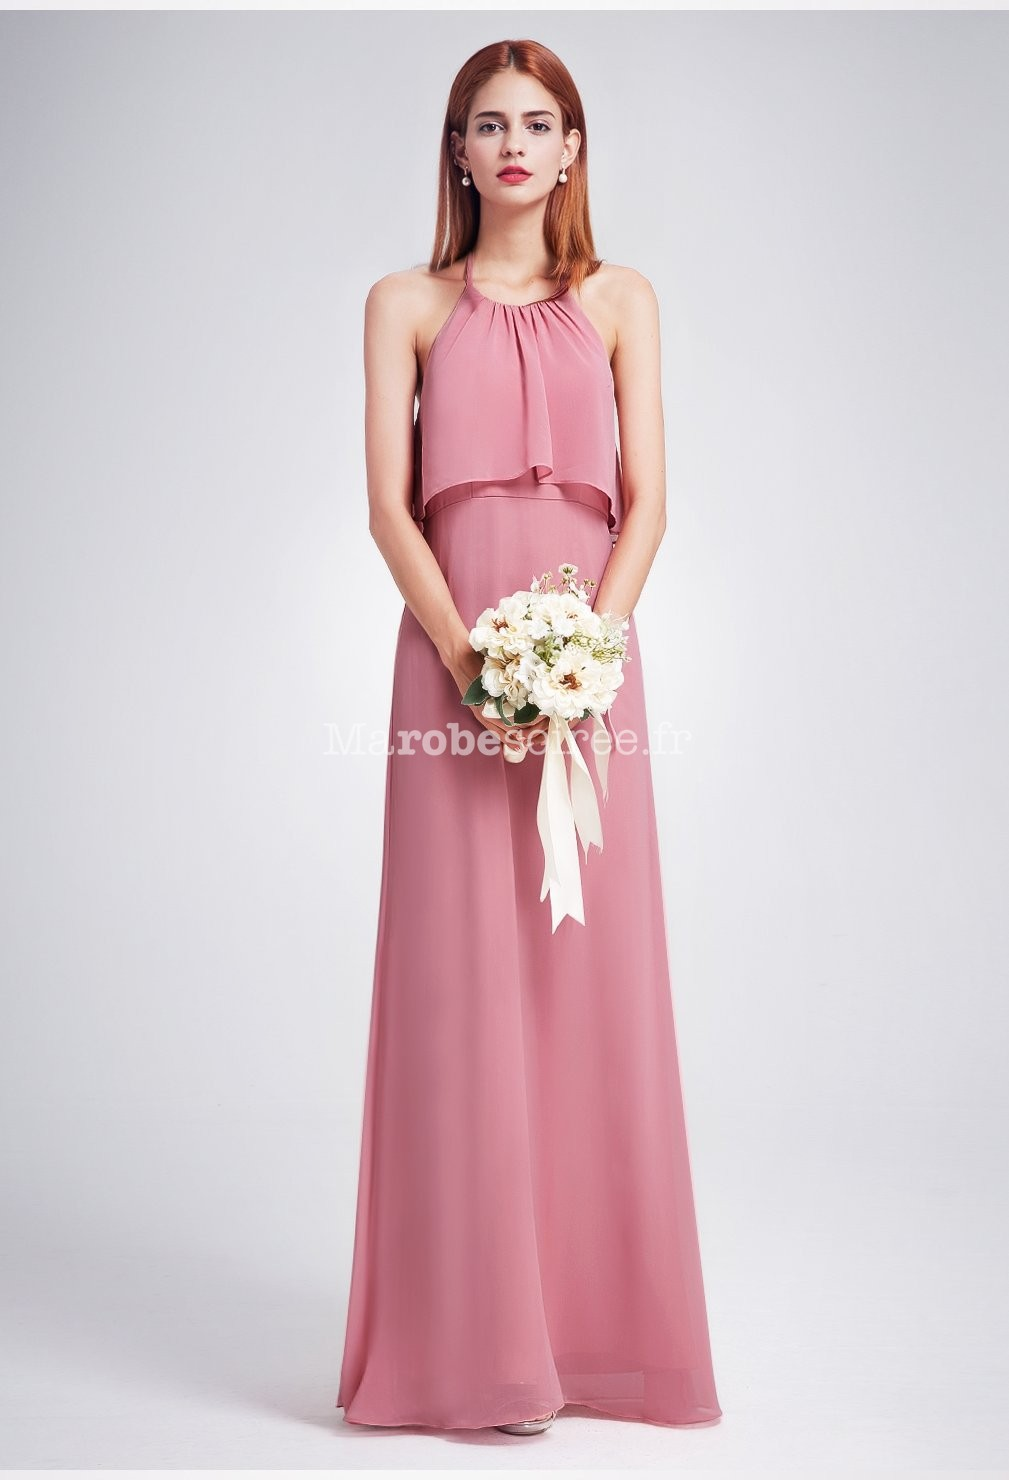 Robe de soiree couleur vieux rose